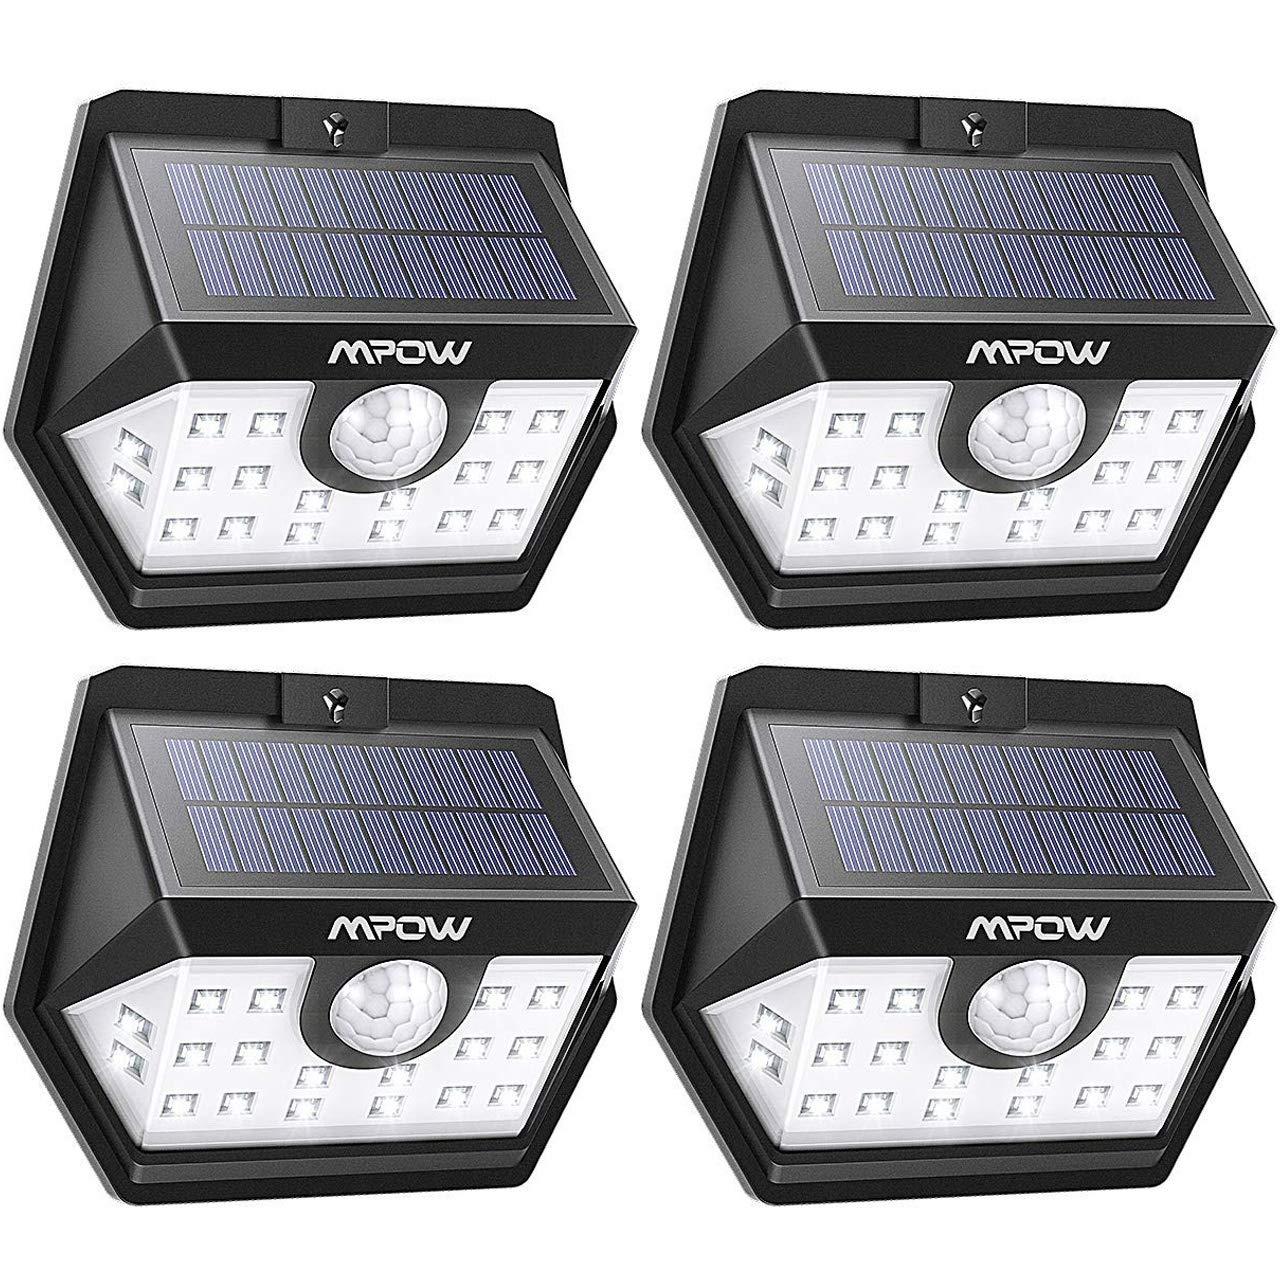 Mpow Luz Solar de Exterior, Lámpara Solar de 3-8M Detección, 270º Gran Angular de Iluminación con 120° Sensor de Movimiento Impermeable 4 Piezas product image